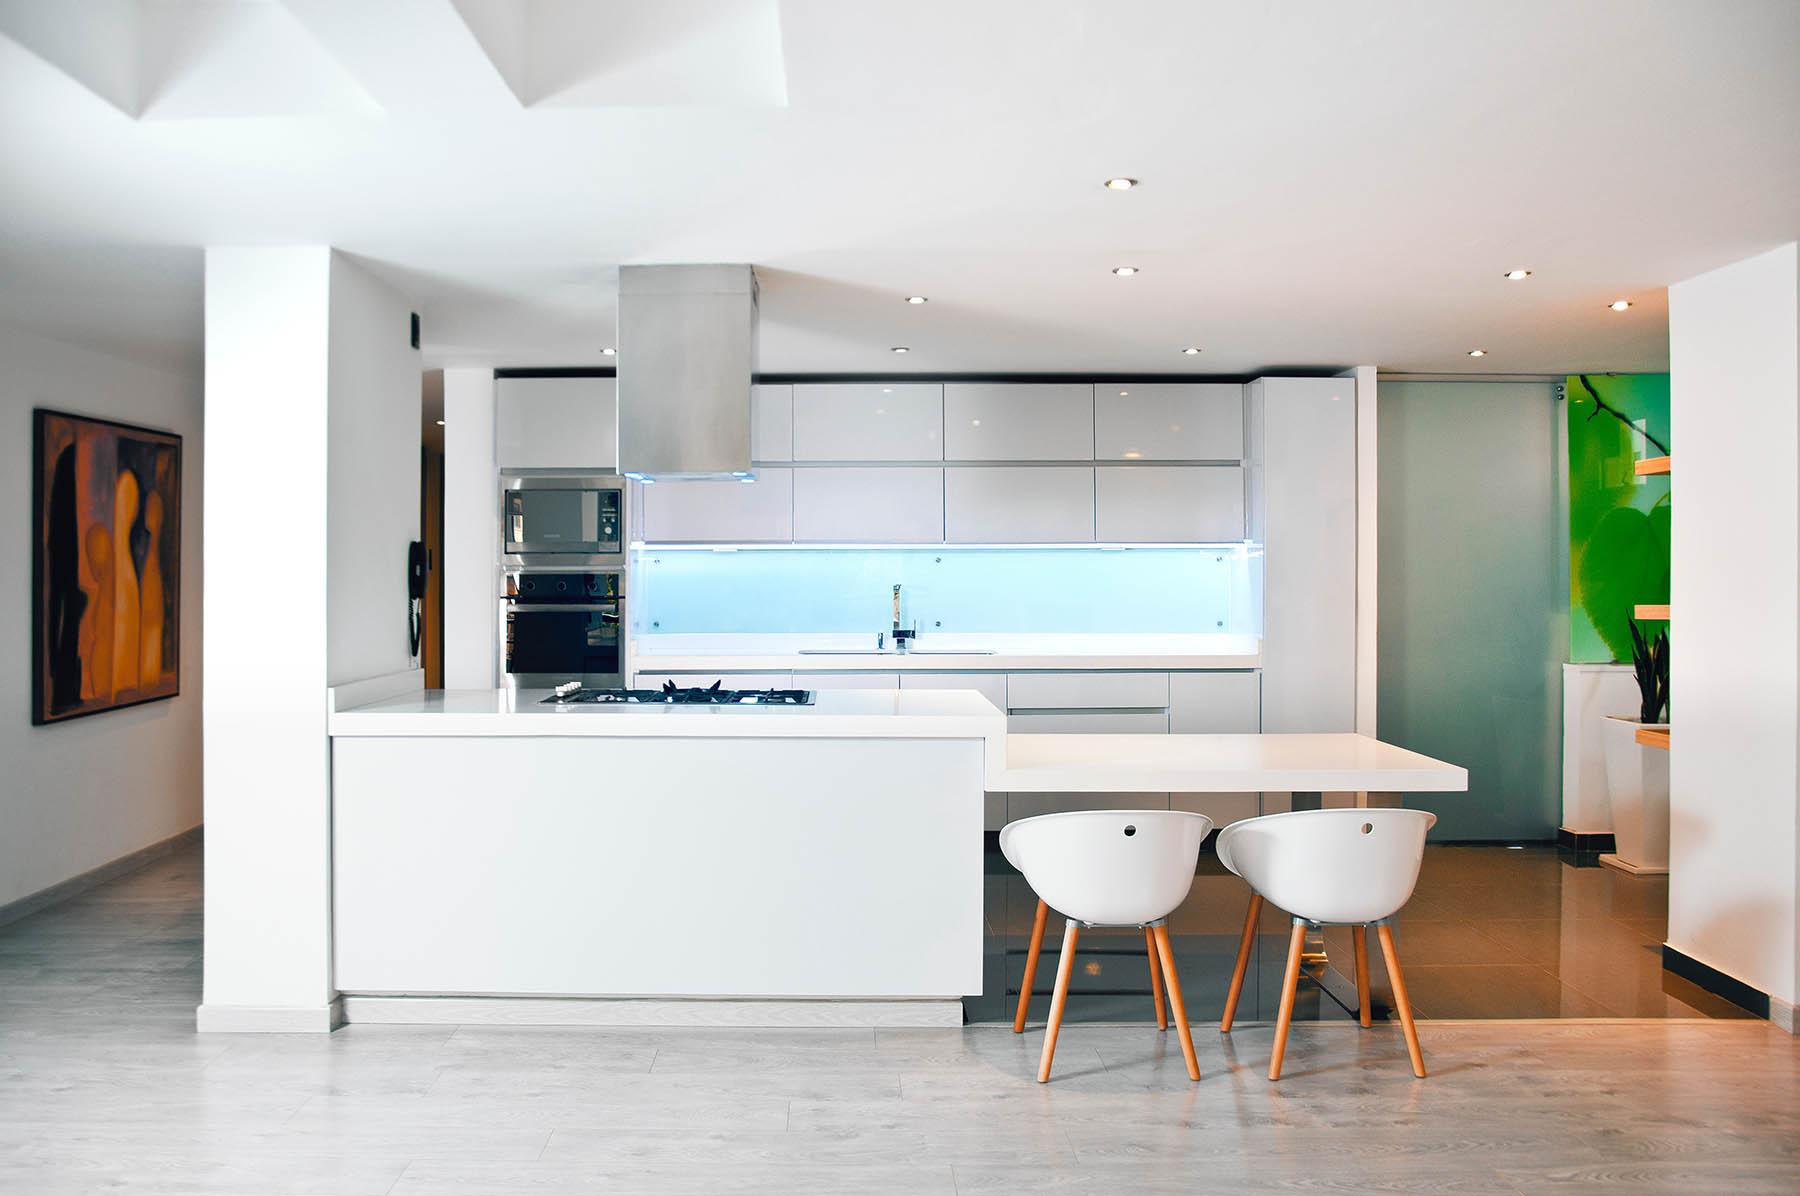 Jak łączyć zesobą różne rodzaje podłogi – łączenie paneli zpłytkami